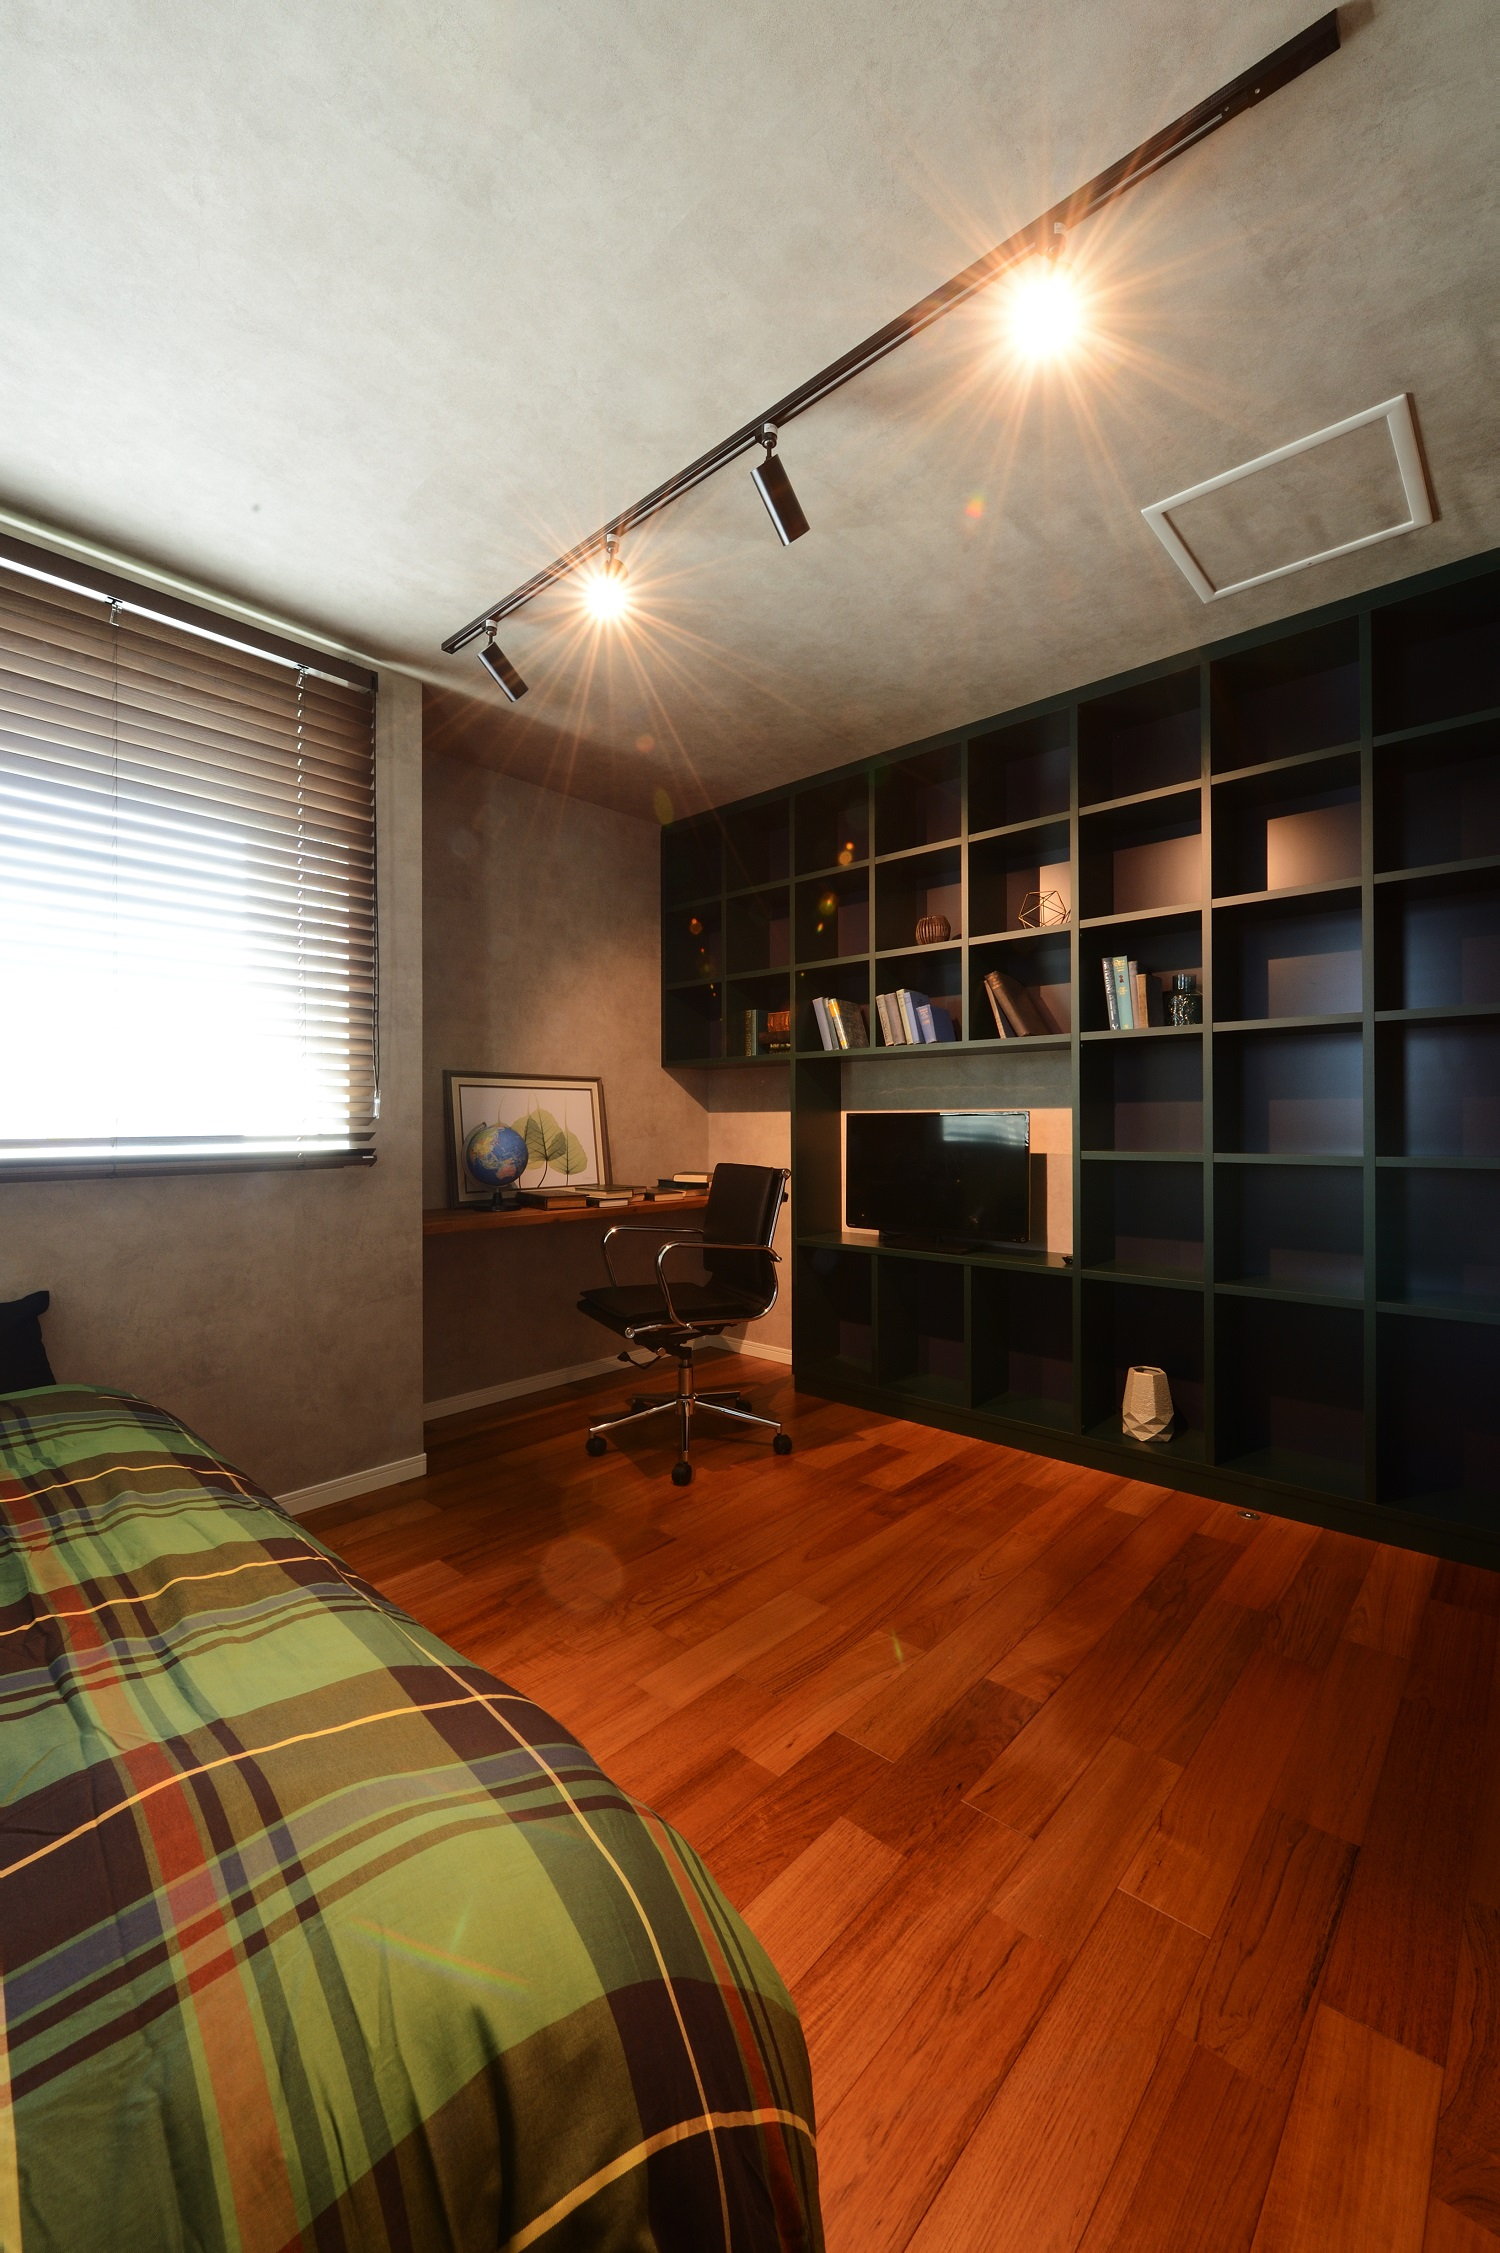 幸和ハウジング【浜松市西区入野町6149-1・モデルハウス】黒の壁面収納がシックな雰囲気を醸し出す2つ目の寝室。寝る前に読書を楽しむ